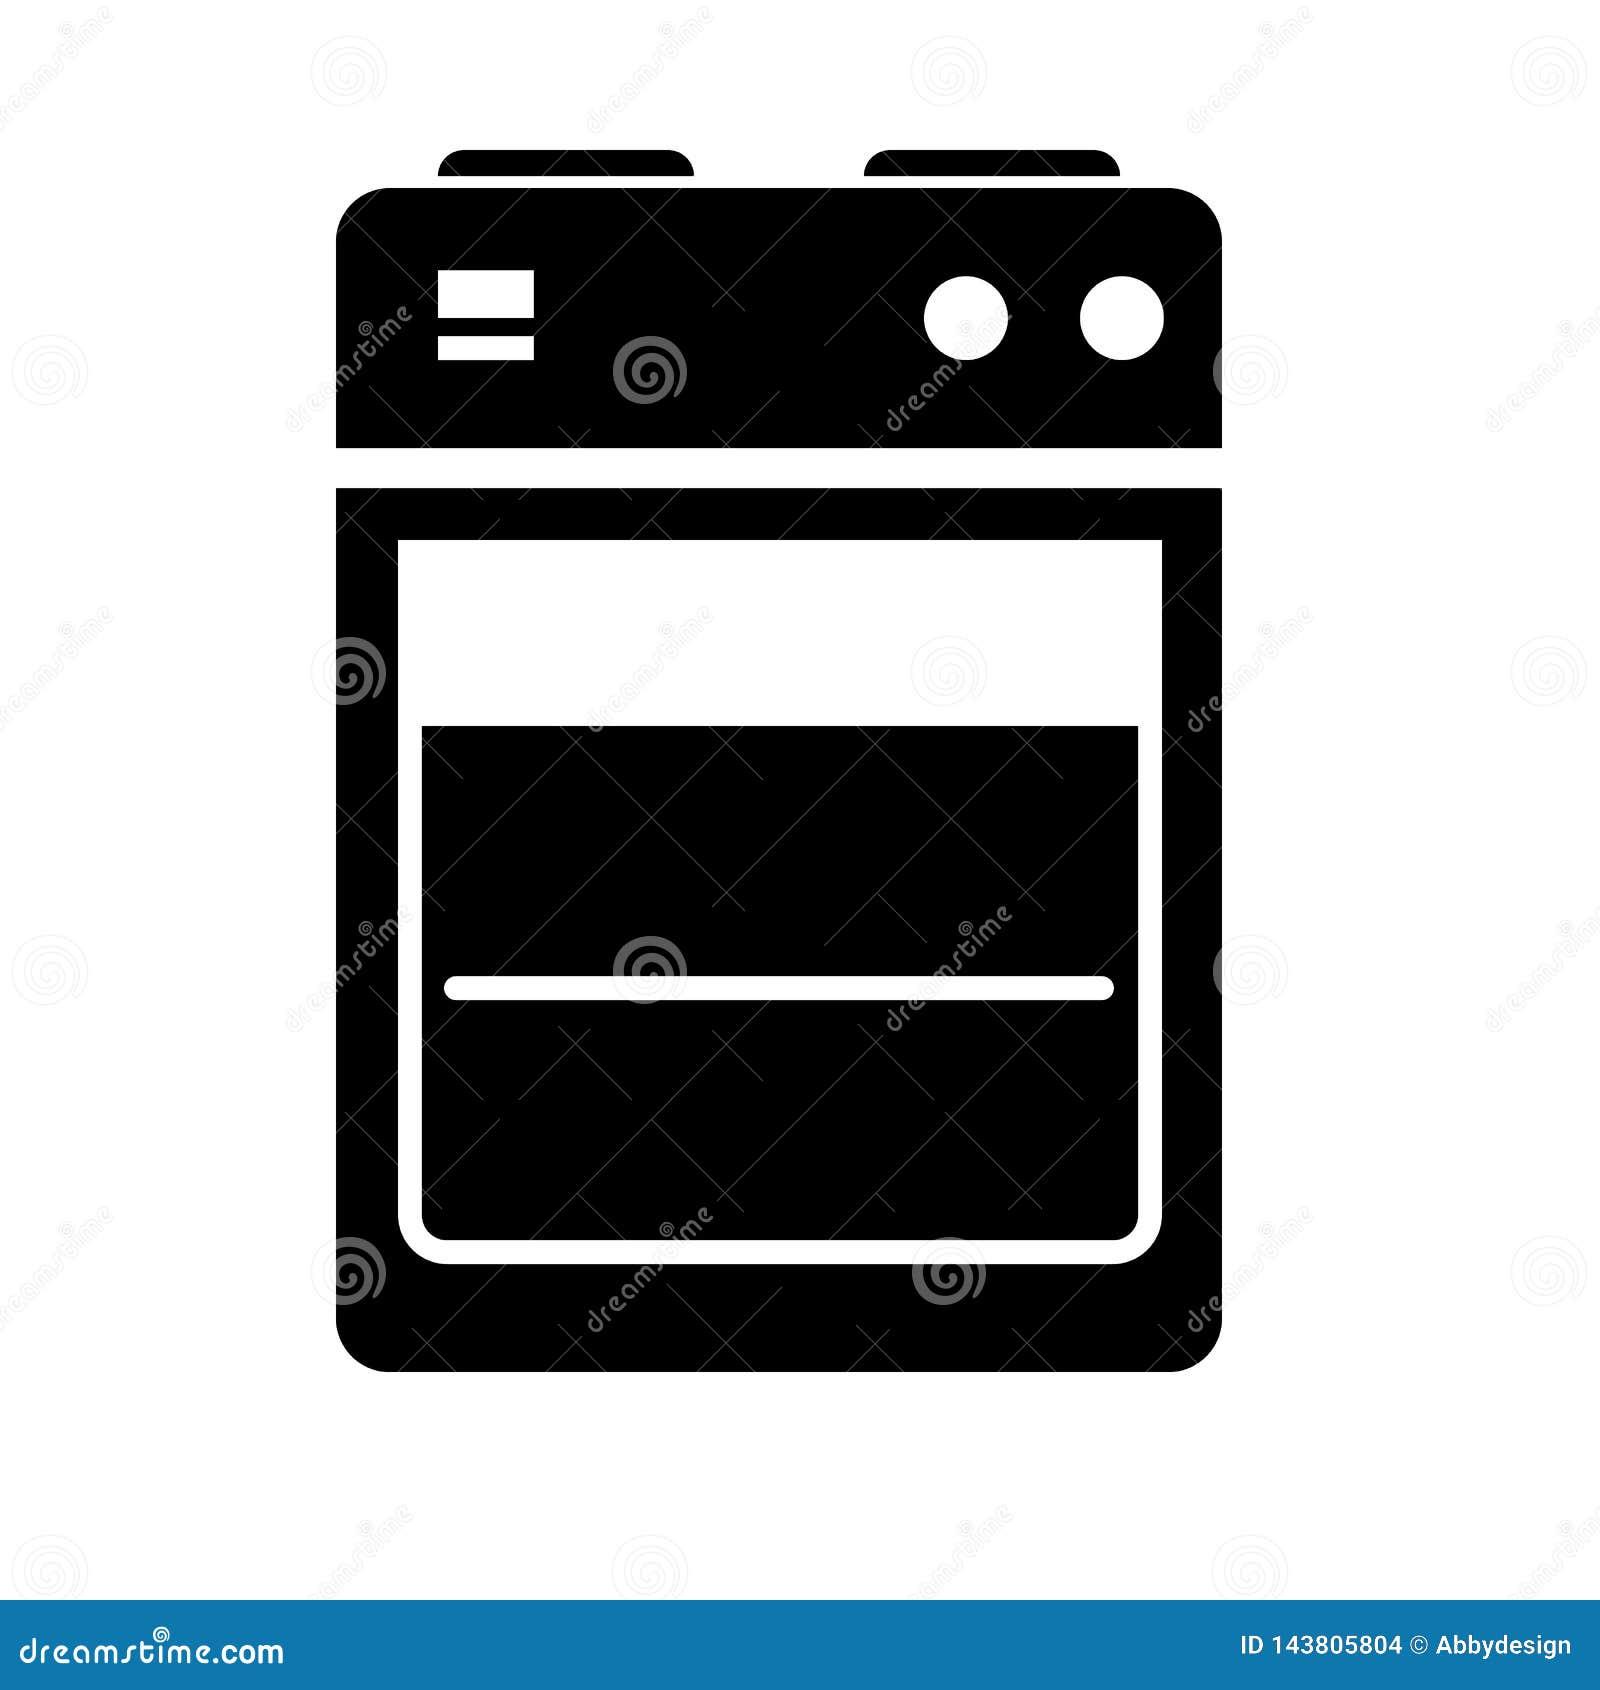 Vetor do ícone do forno